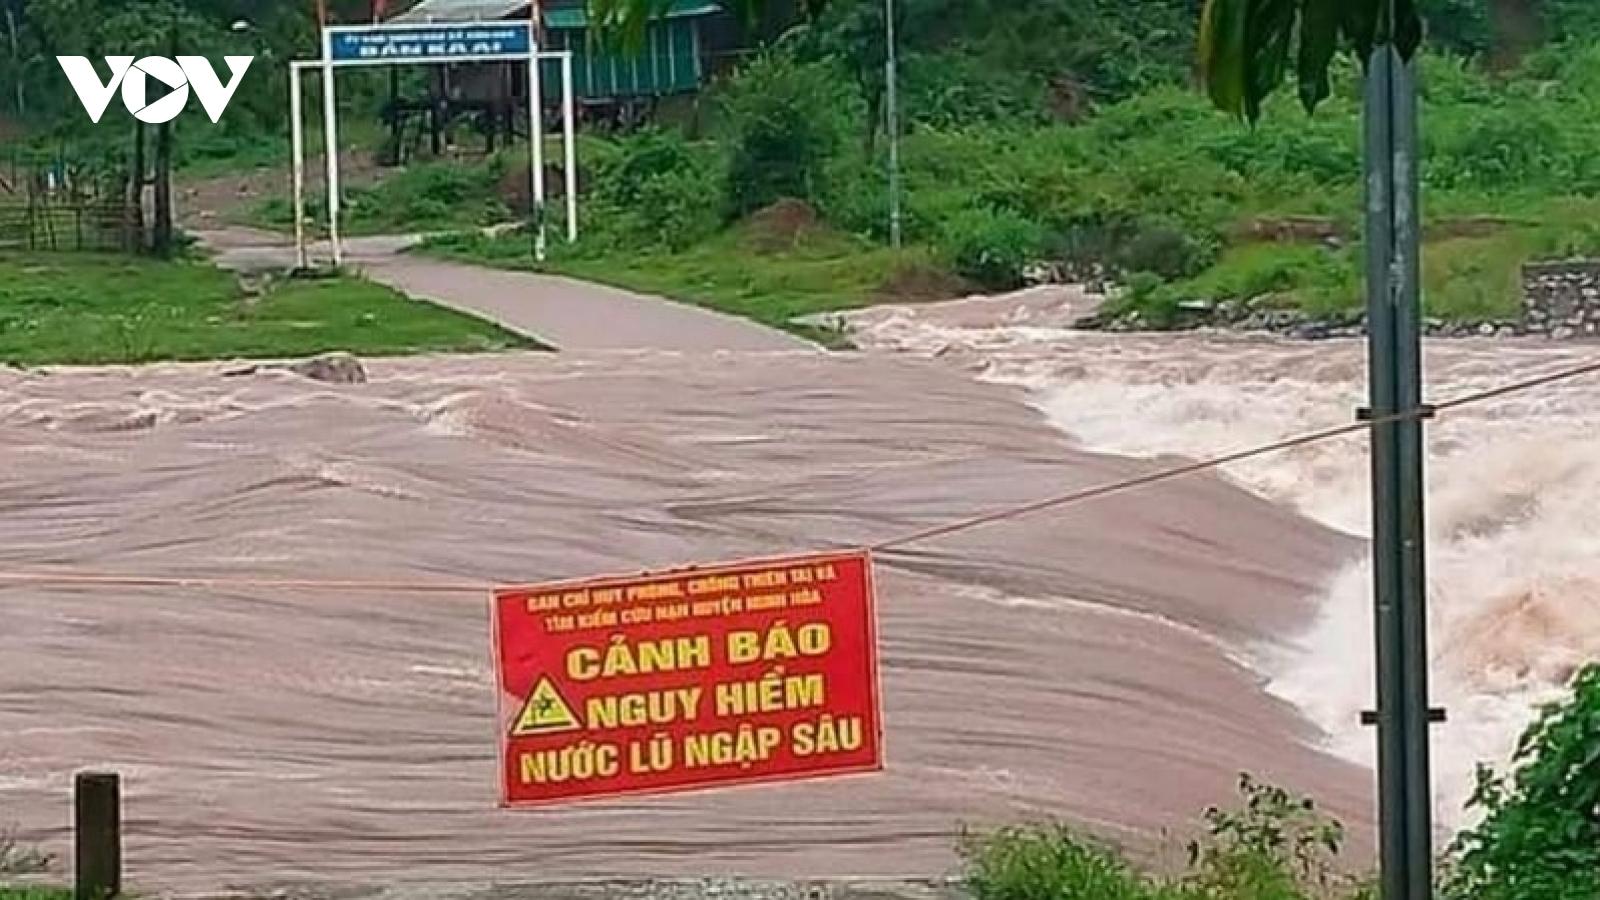 Nhiều người đi rừng chưa liên lạc được vì chia cắt do mưa lũ ở Quảng Bình